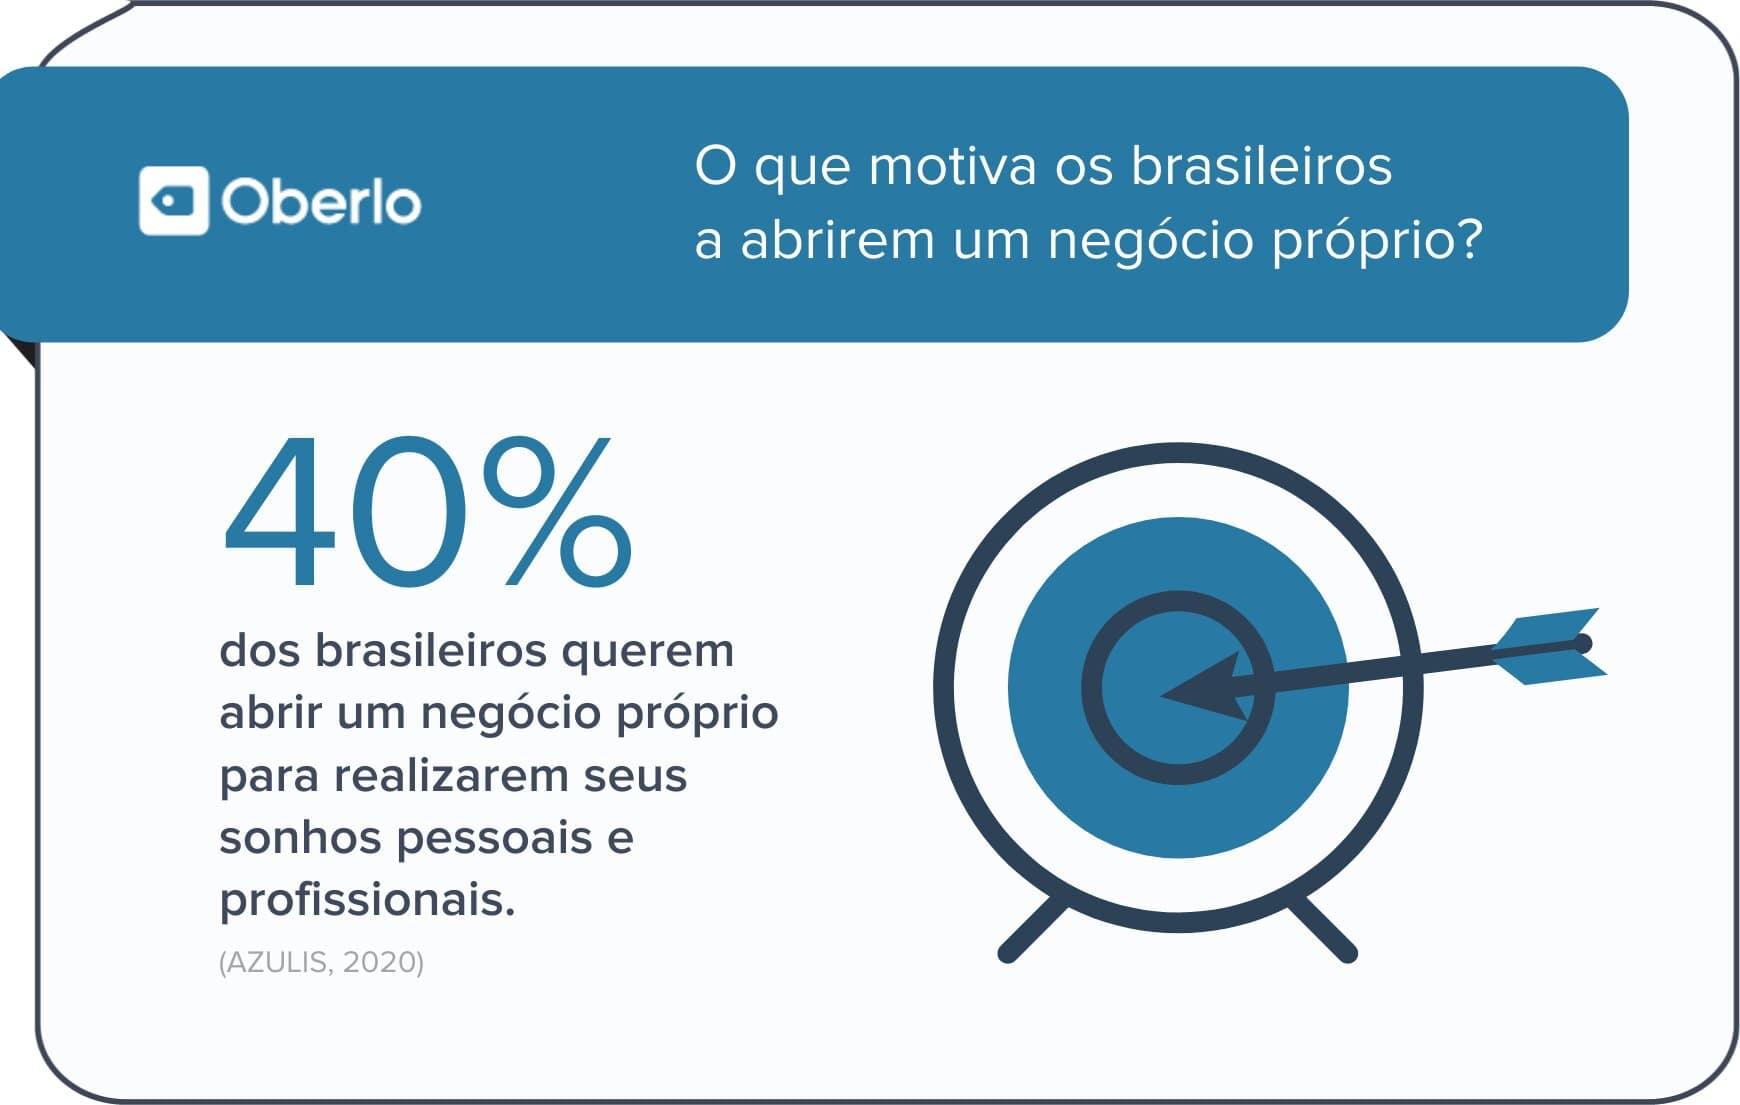 4. O que motiva os brasileiros a abrirem um negócio próprio?